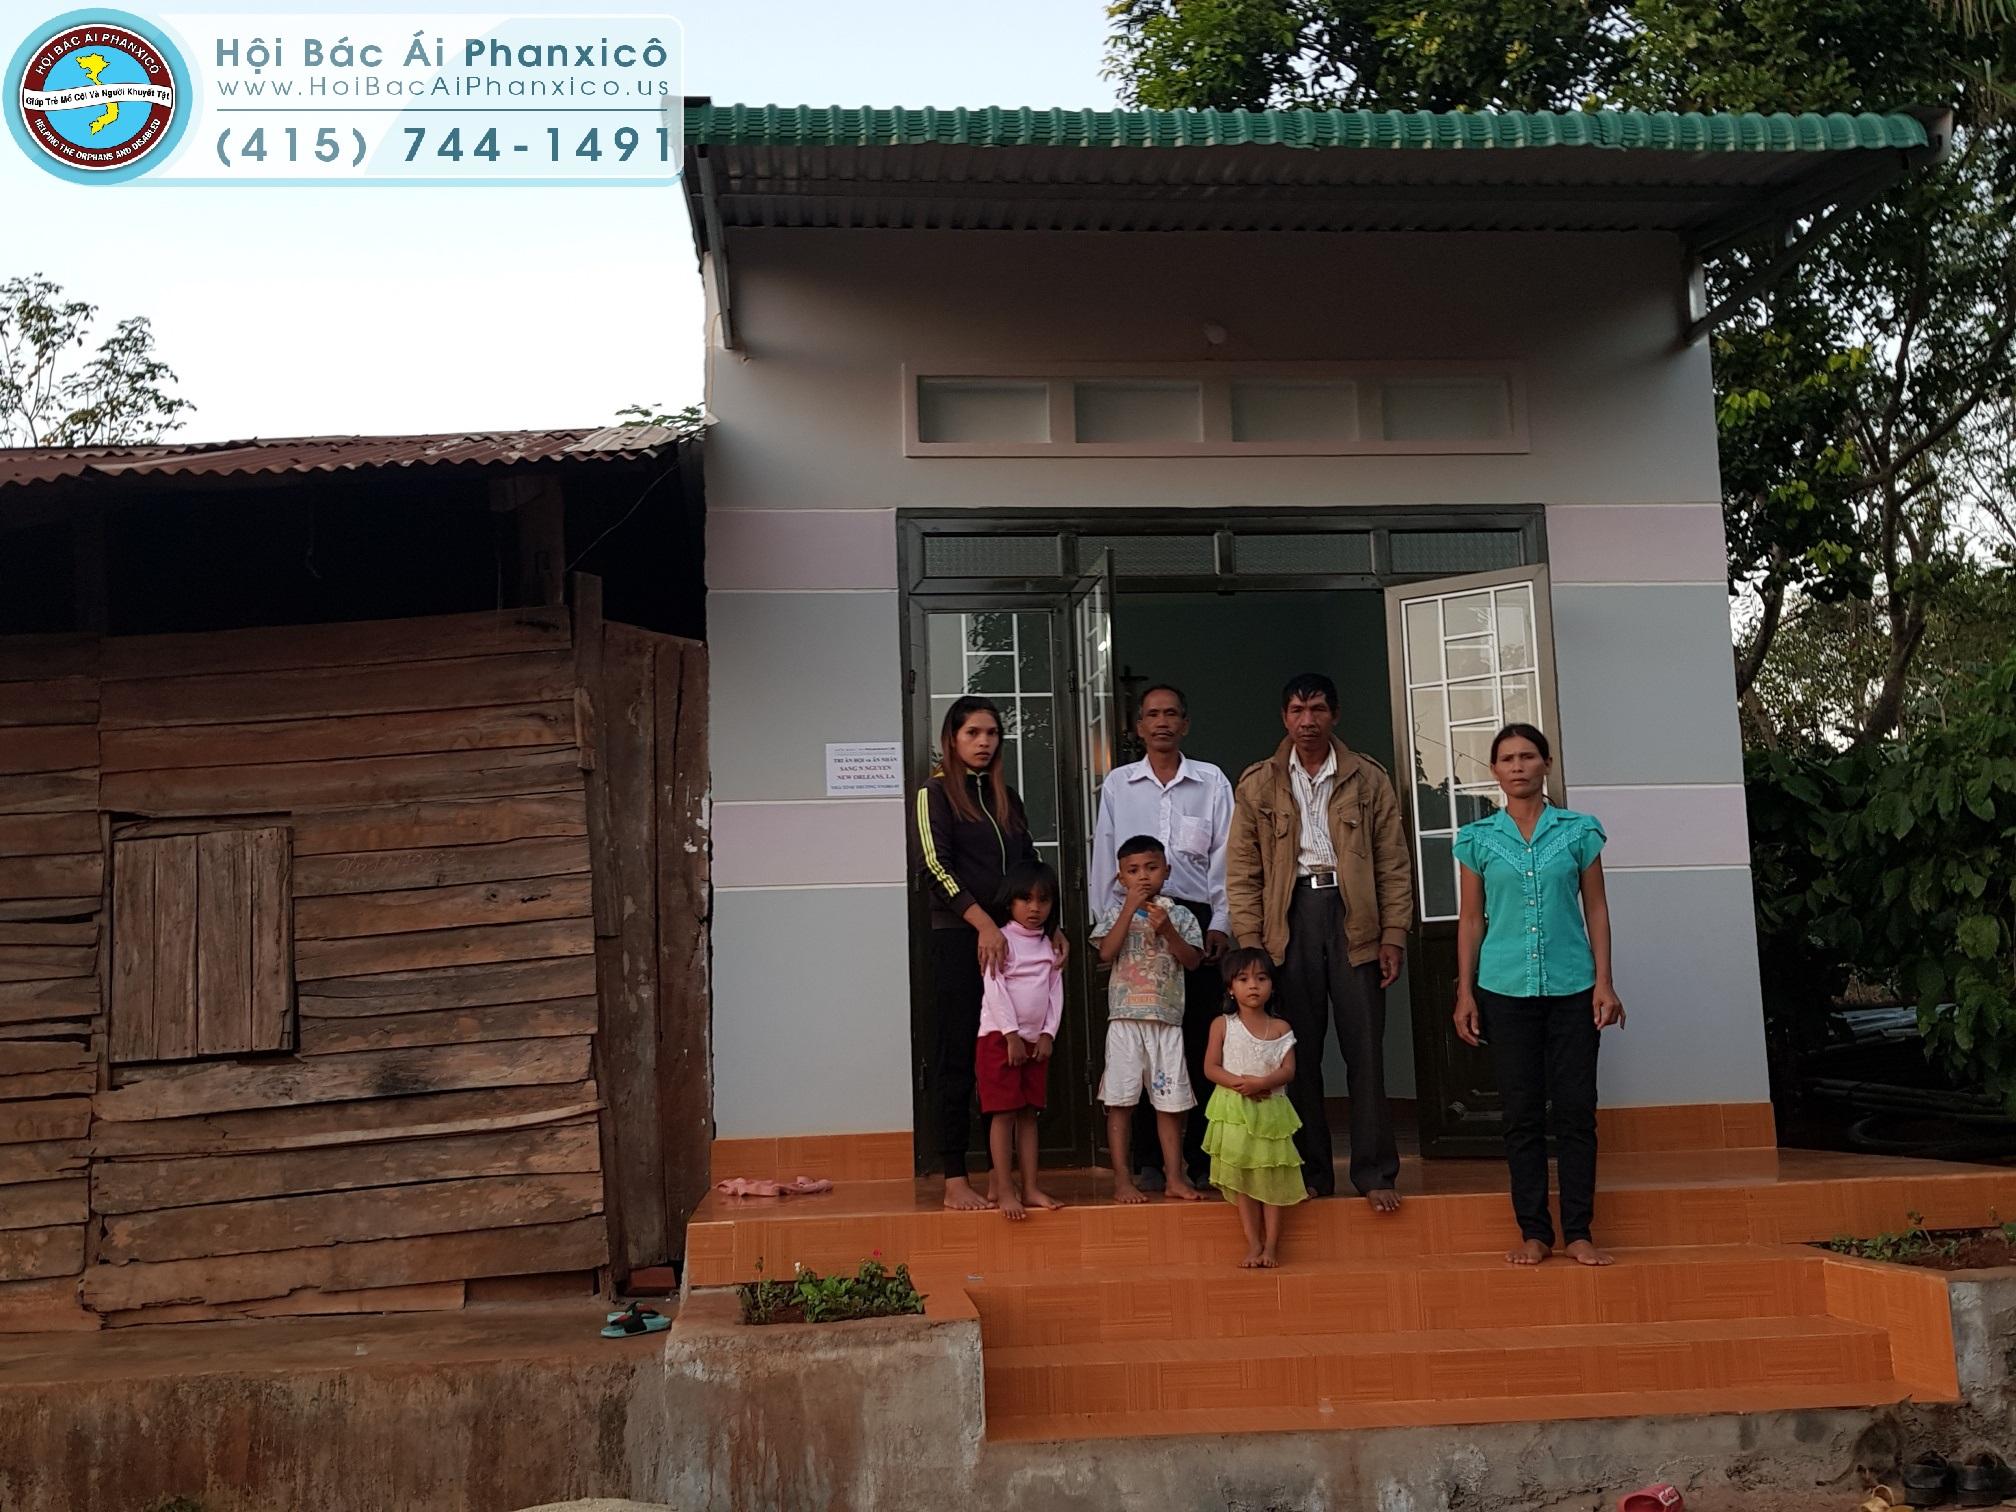 Chị H Juễn Eban với niềm vui có căn nhà mới